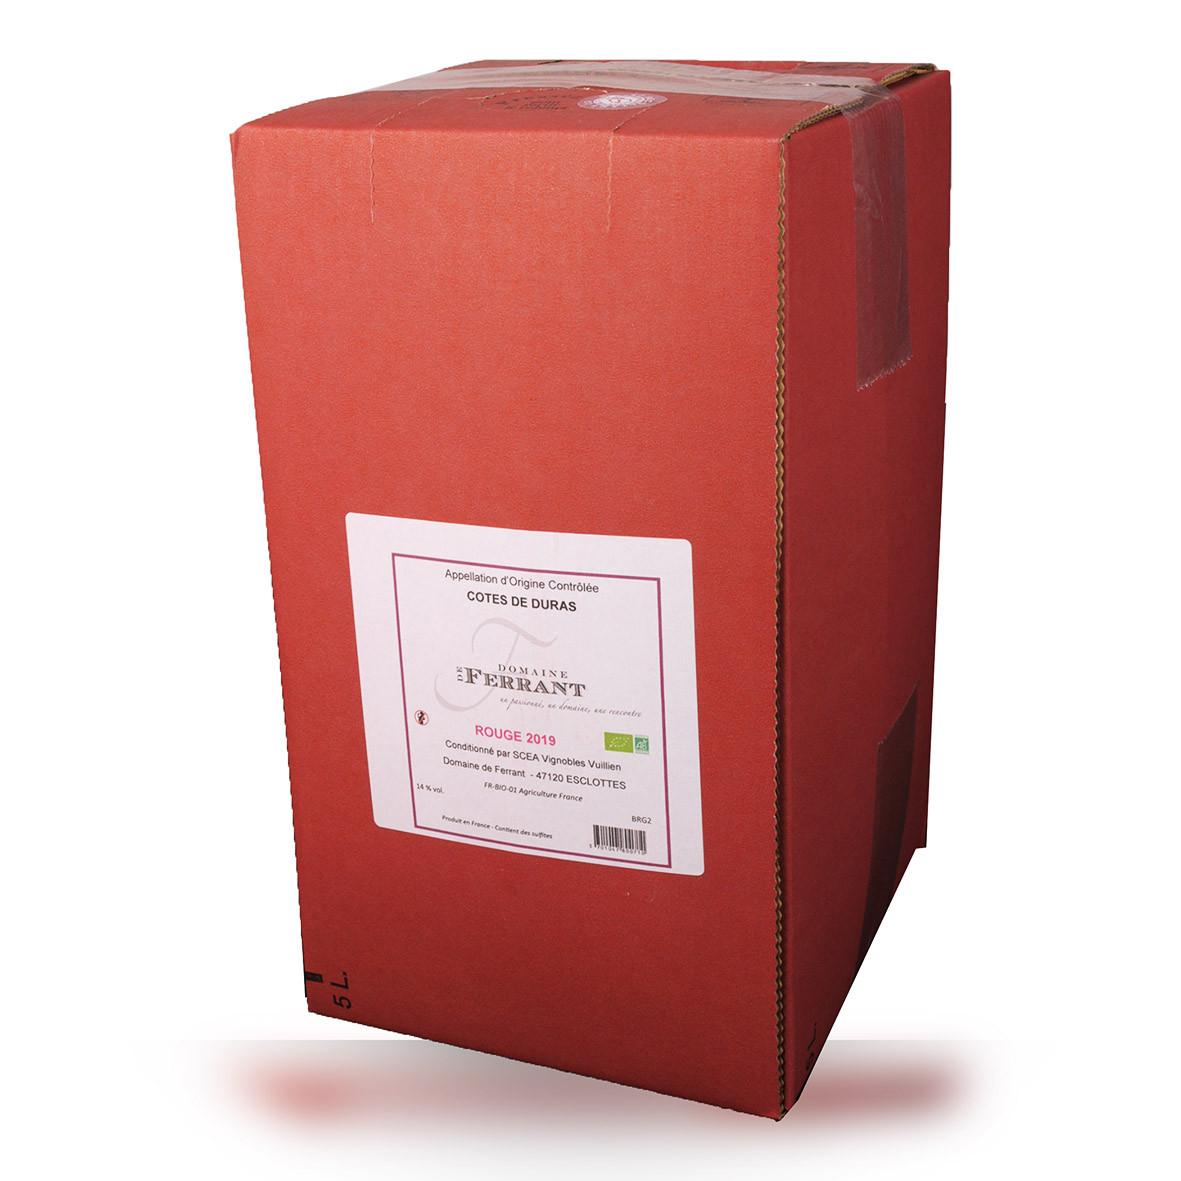 Bag-in-Box 5L Domaine de Ferrant Côtes de Duras Rouge www.odyssee-vins.com